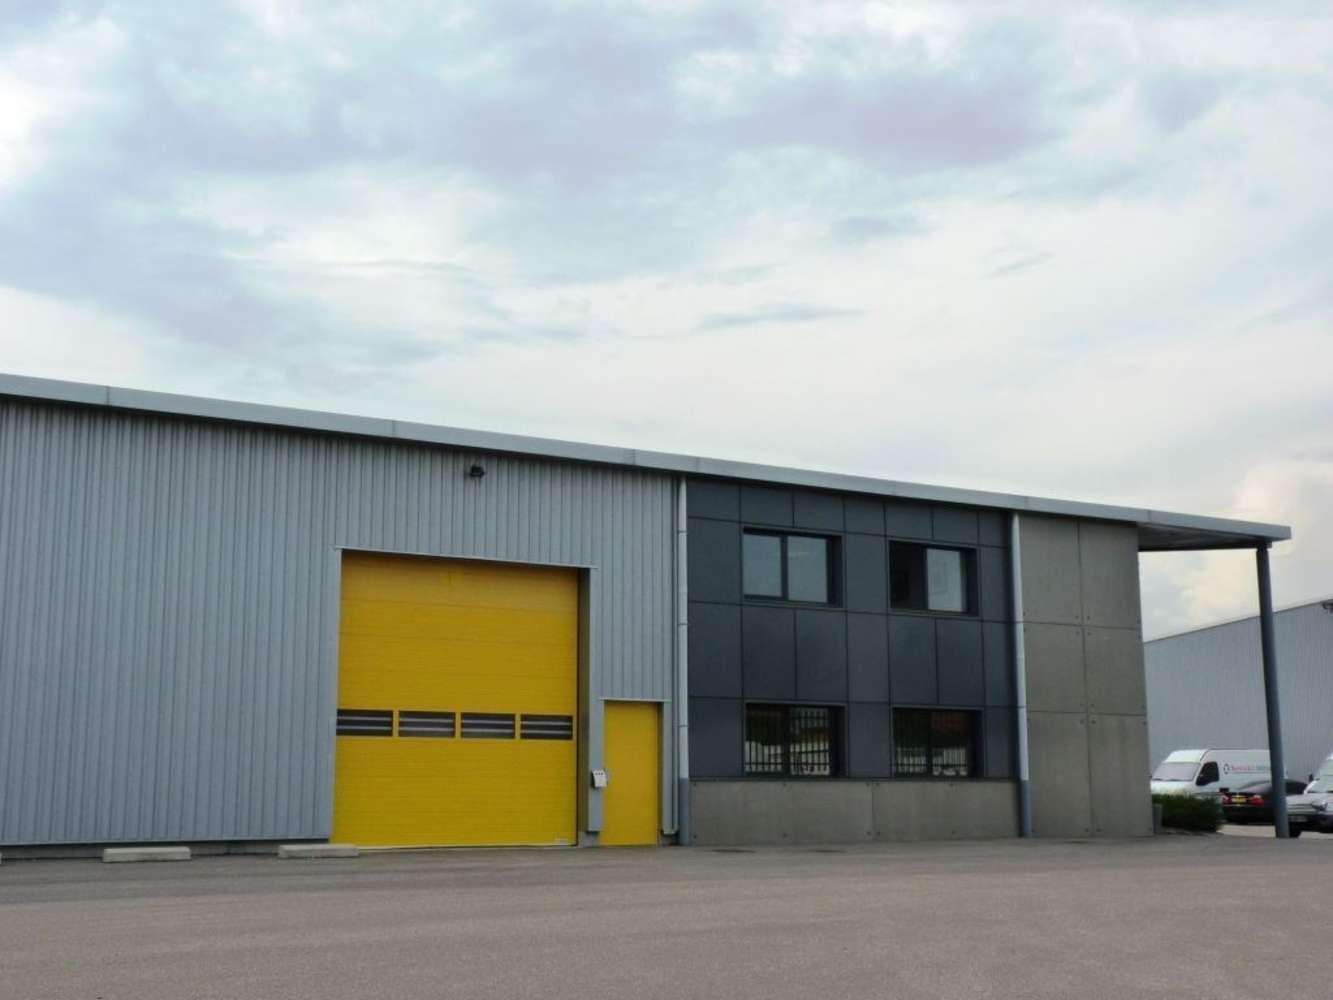 Activités/entrepôt Vaulx en velin, 69120 - Location entrepot Lyon - Vaulx en Velin - 9632146